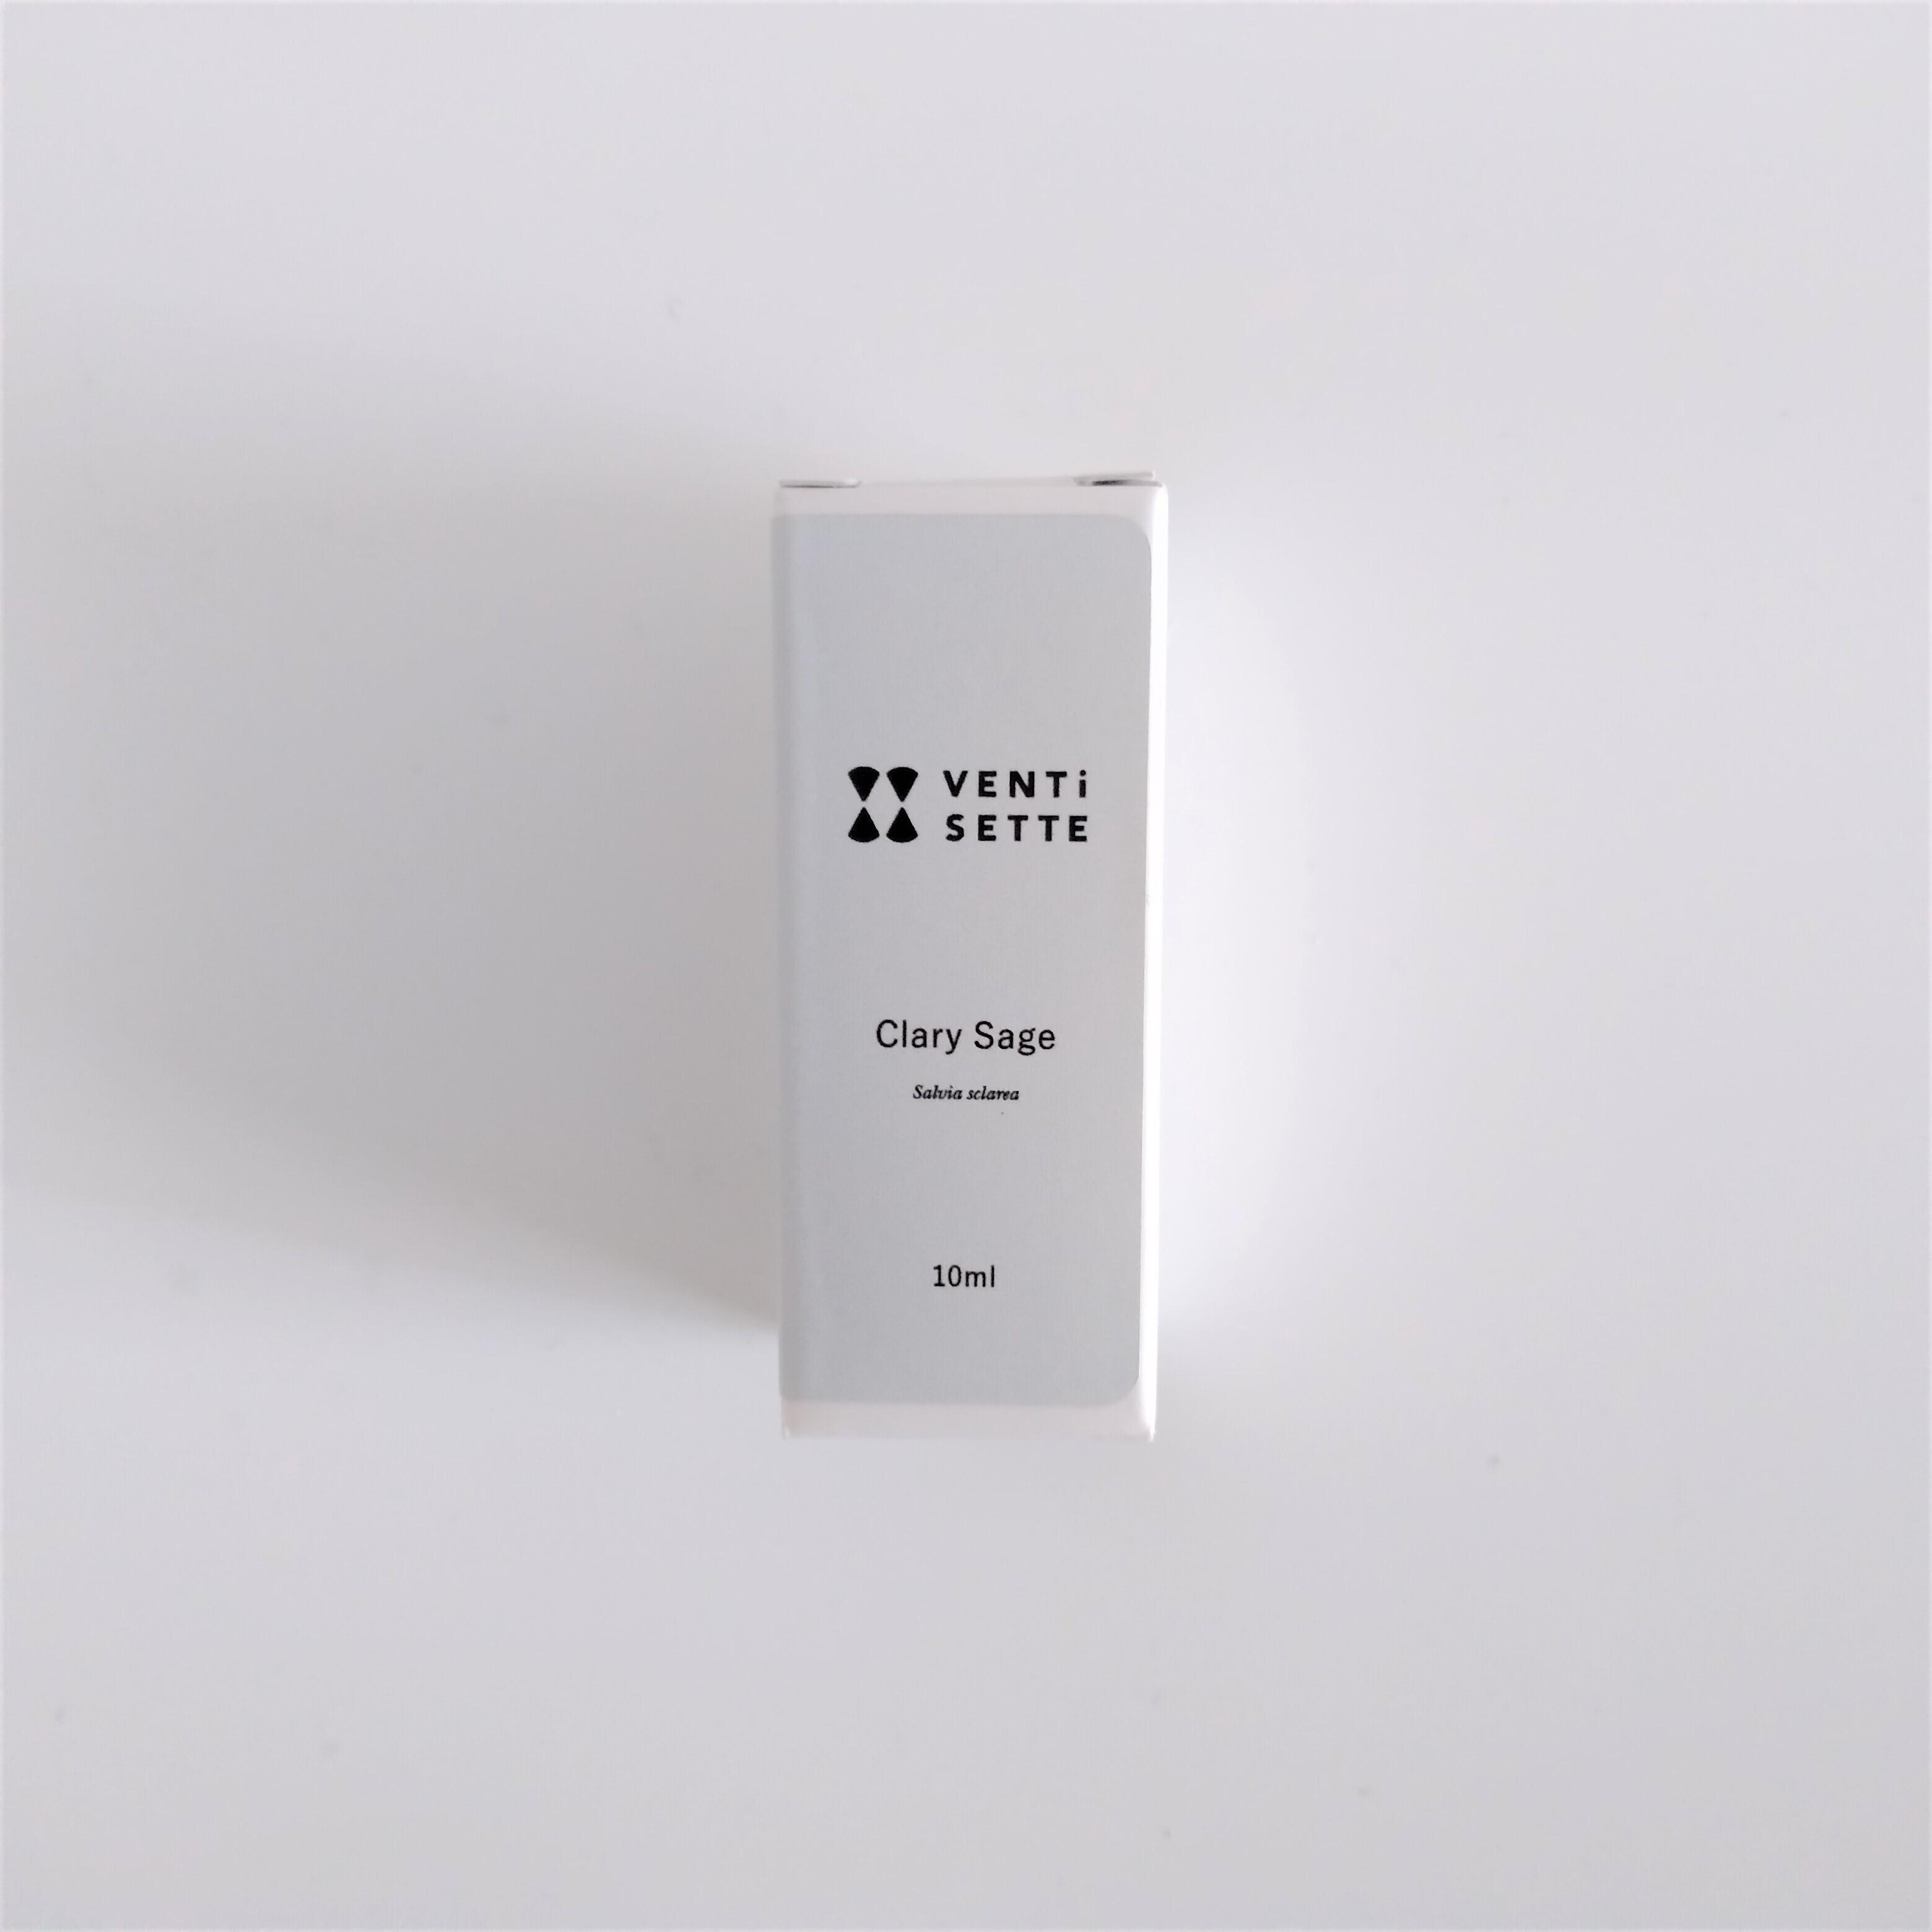 クラリセージエッセンシャルオイル 10ml